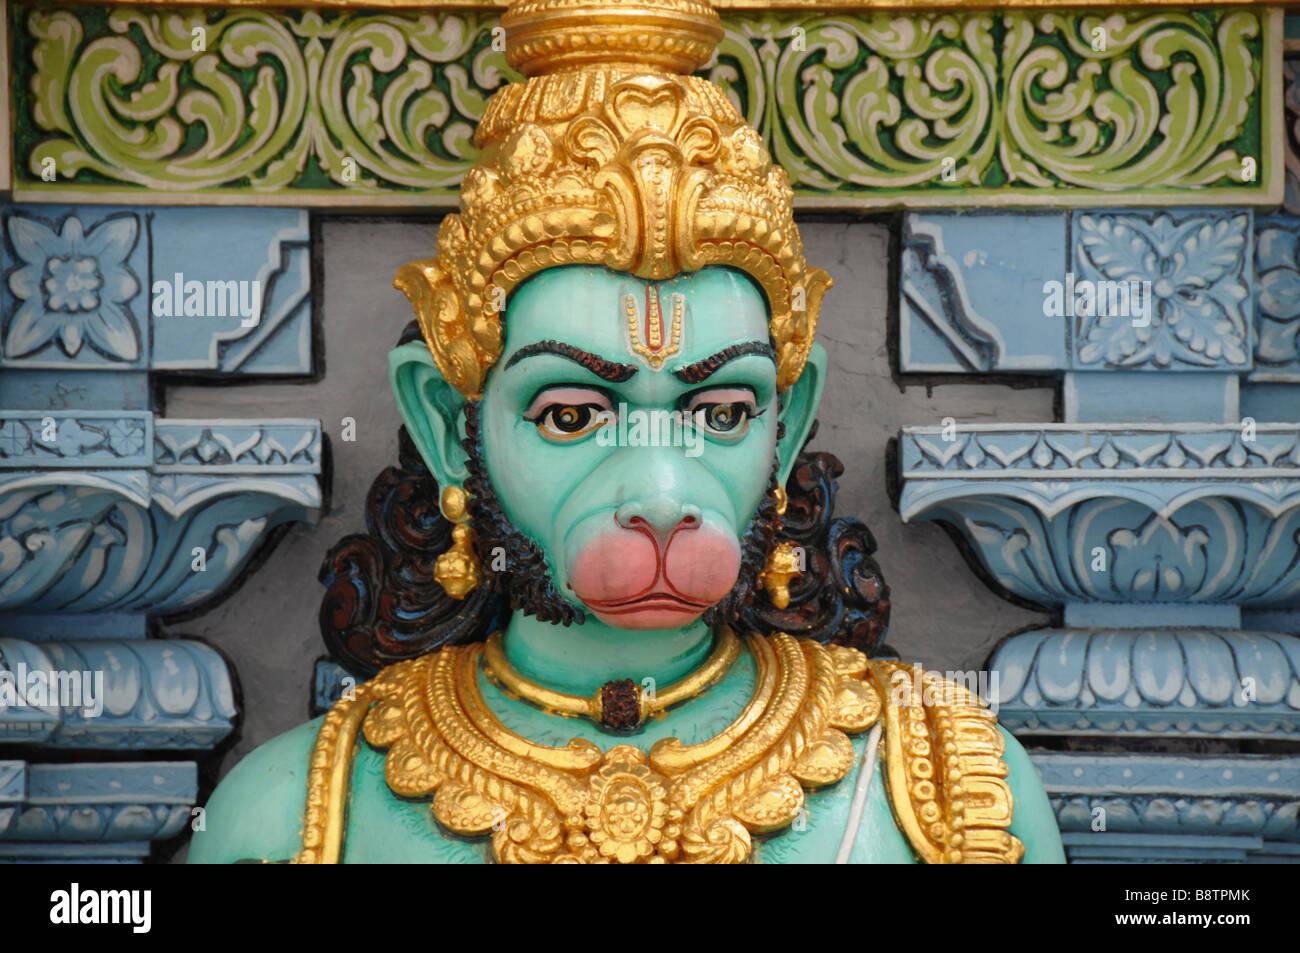 Statua di Hanuman la scimmia dio, una divinità Indù, in Sri Krishnan tempio, Waterloo Road, Singapore. Immagini Stock